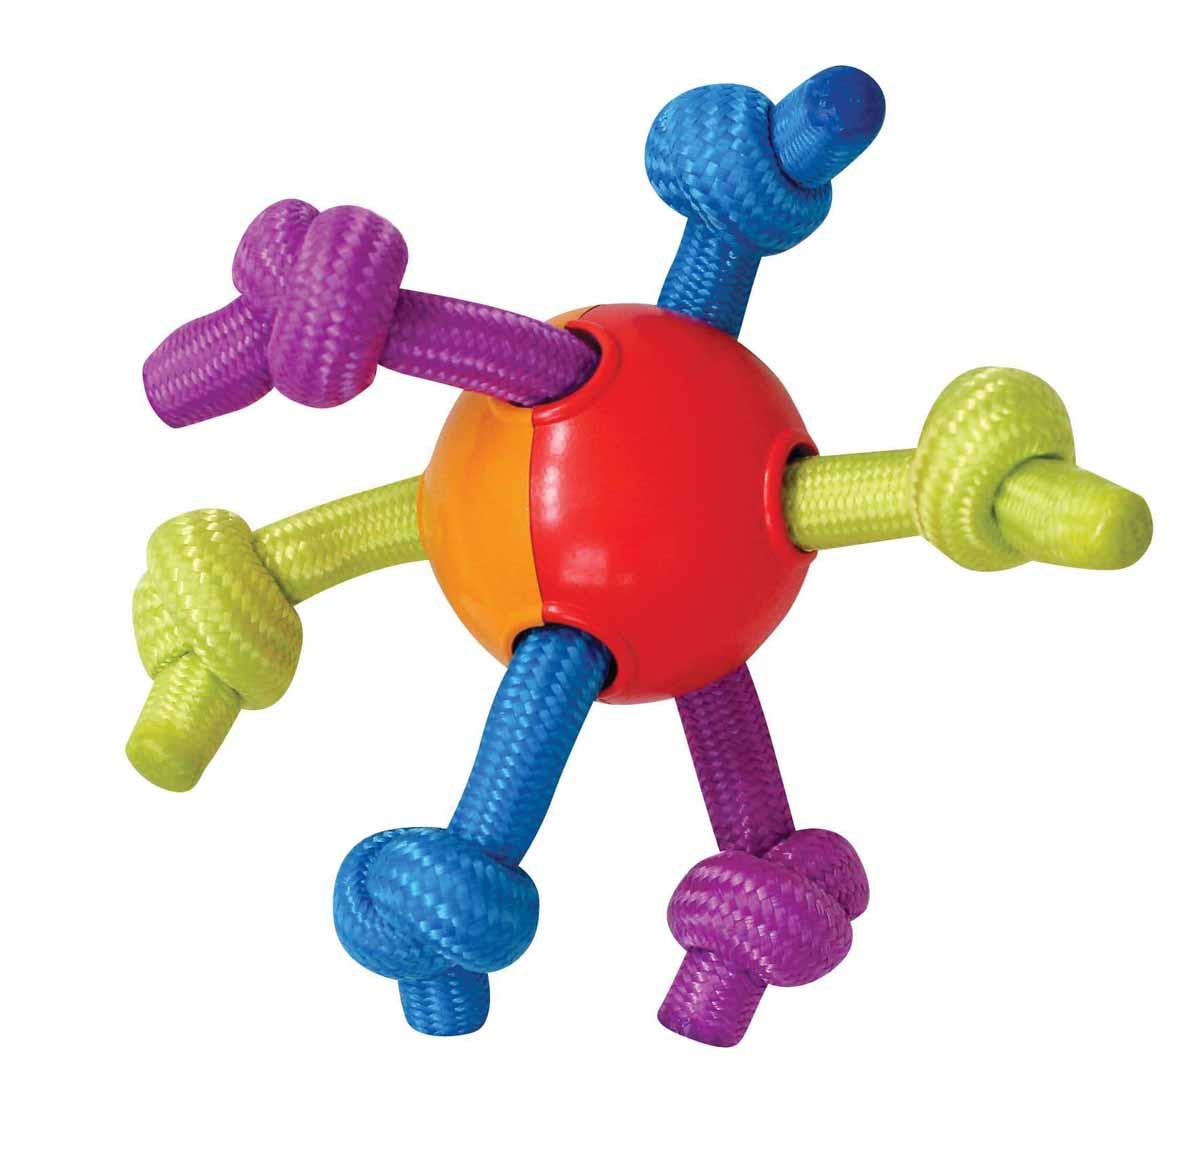 Игрушка для щенков Petstages Puppy Мячик с канатами122REXИгрушка для щенков Petstages Puppy представляет собой пластиковый мячик с канатами. Жуя и растягивая мягкие и прочные полипропиленовые канаты, ваш питомец не повредит себе зубы и десны. Эластичный мяч способствует тренировке челюстей. Различная текстура игрушки добавляет интерес к игре. Способствует очищению зубов и десен от налета и остатков пищи. Характеристики: Материал: полипропилен. Общий размер игрушки: 18 см х 18 см х 7 см. Диаметр мяча: 7 см.